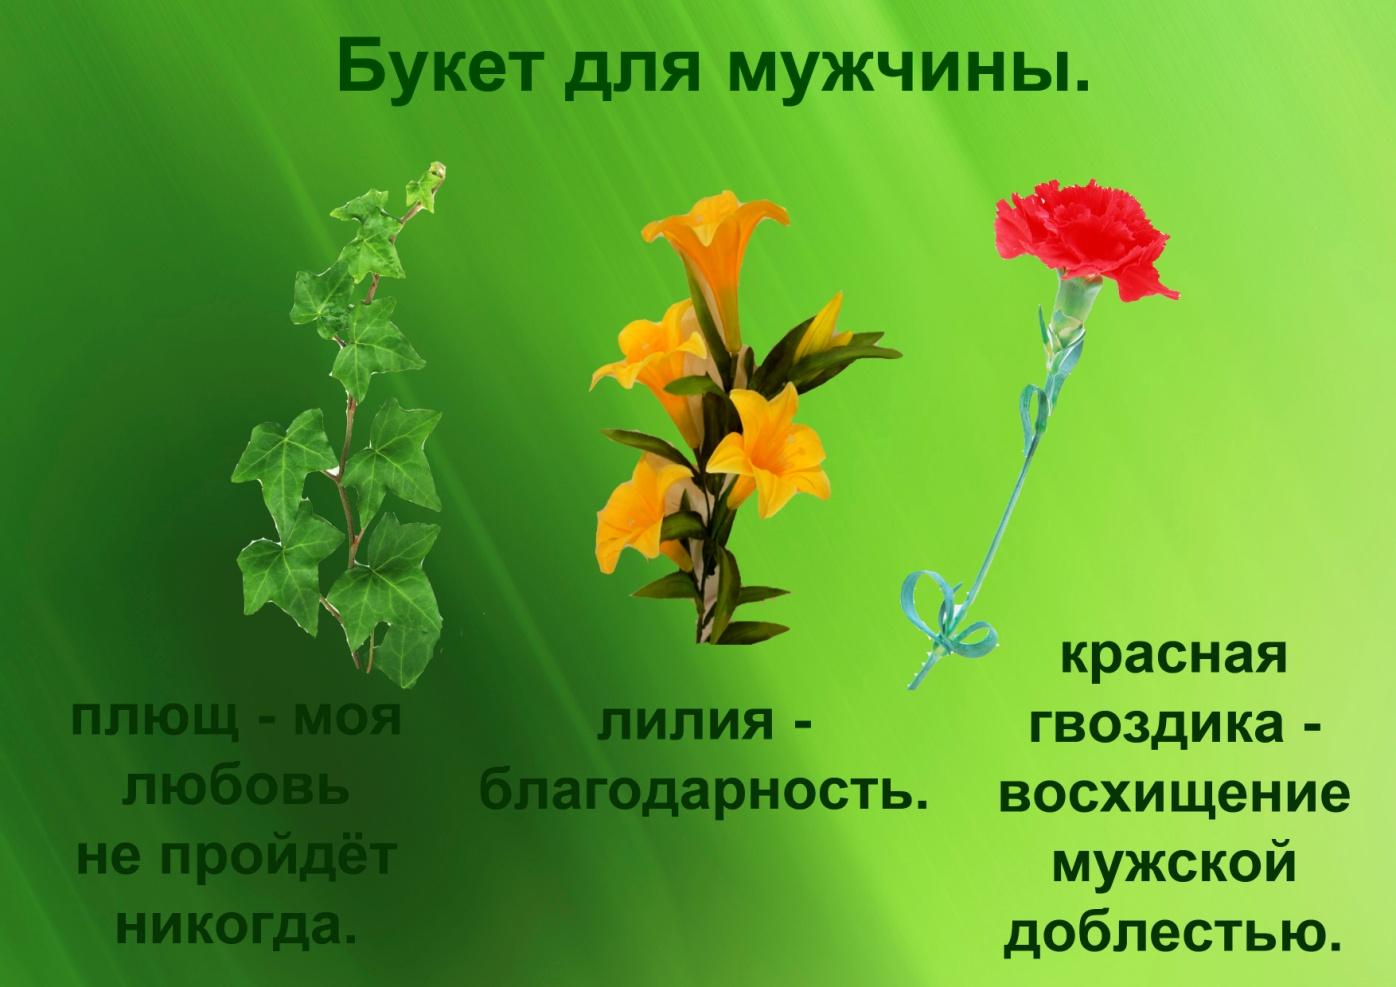 C:\Documents and Settings\я\Рабочий стол\Язык цветов. Презентация. Элина\21.букет для мужчины.jpg